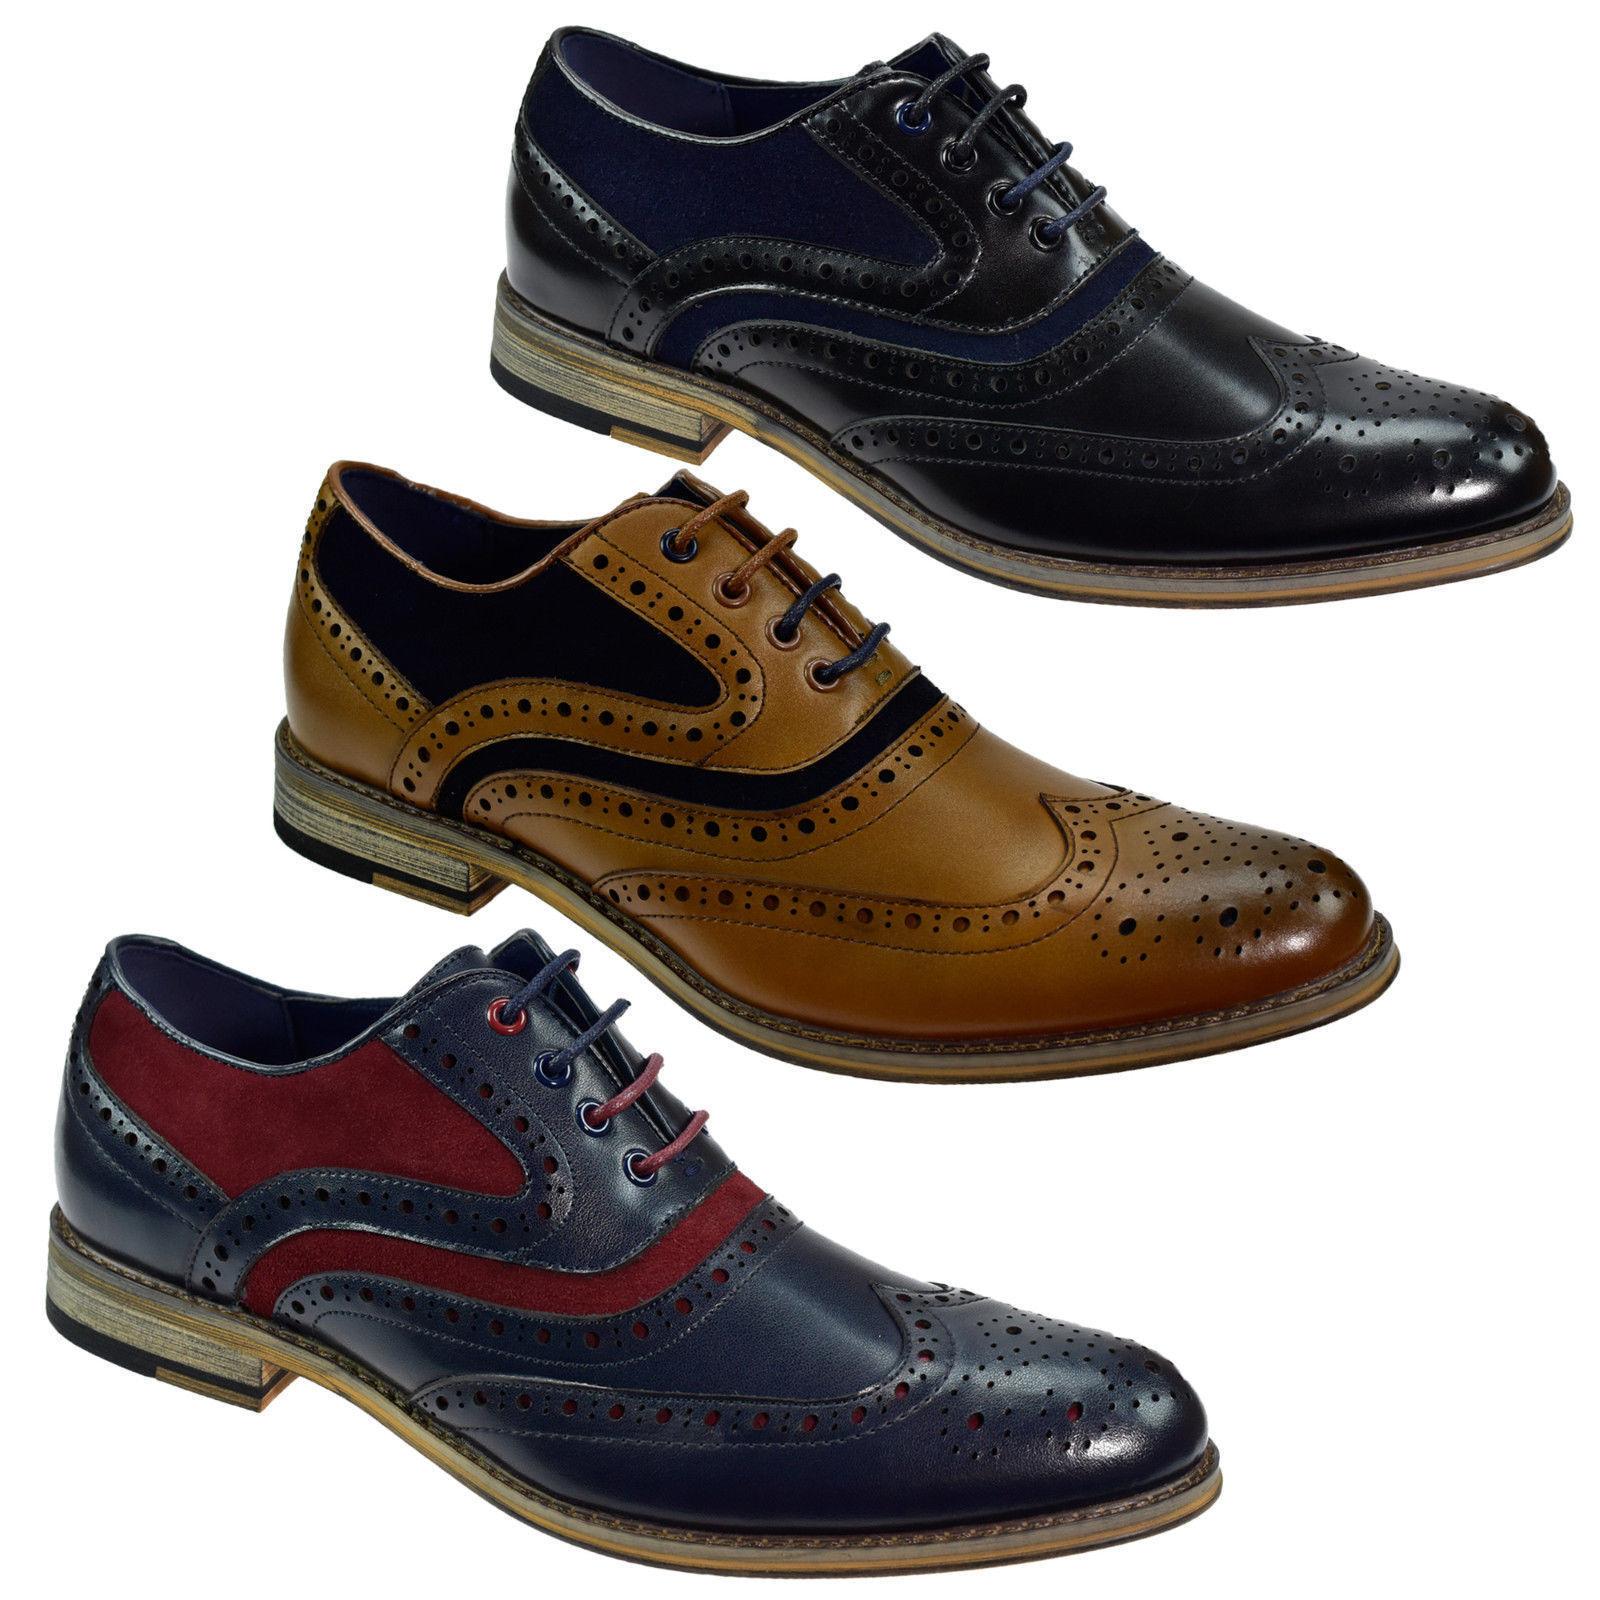 consegna veloce NUOVA linea uomo scarpe di pelle CALATA CALATA CALATA Ethan Stringati Nero Navy Tan TRASMISSIONE TG 7 a 12  il prezzo più basso